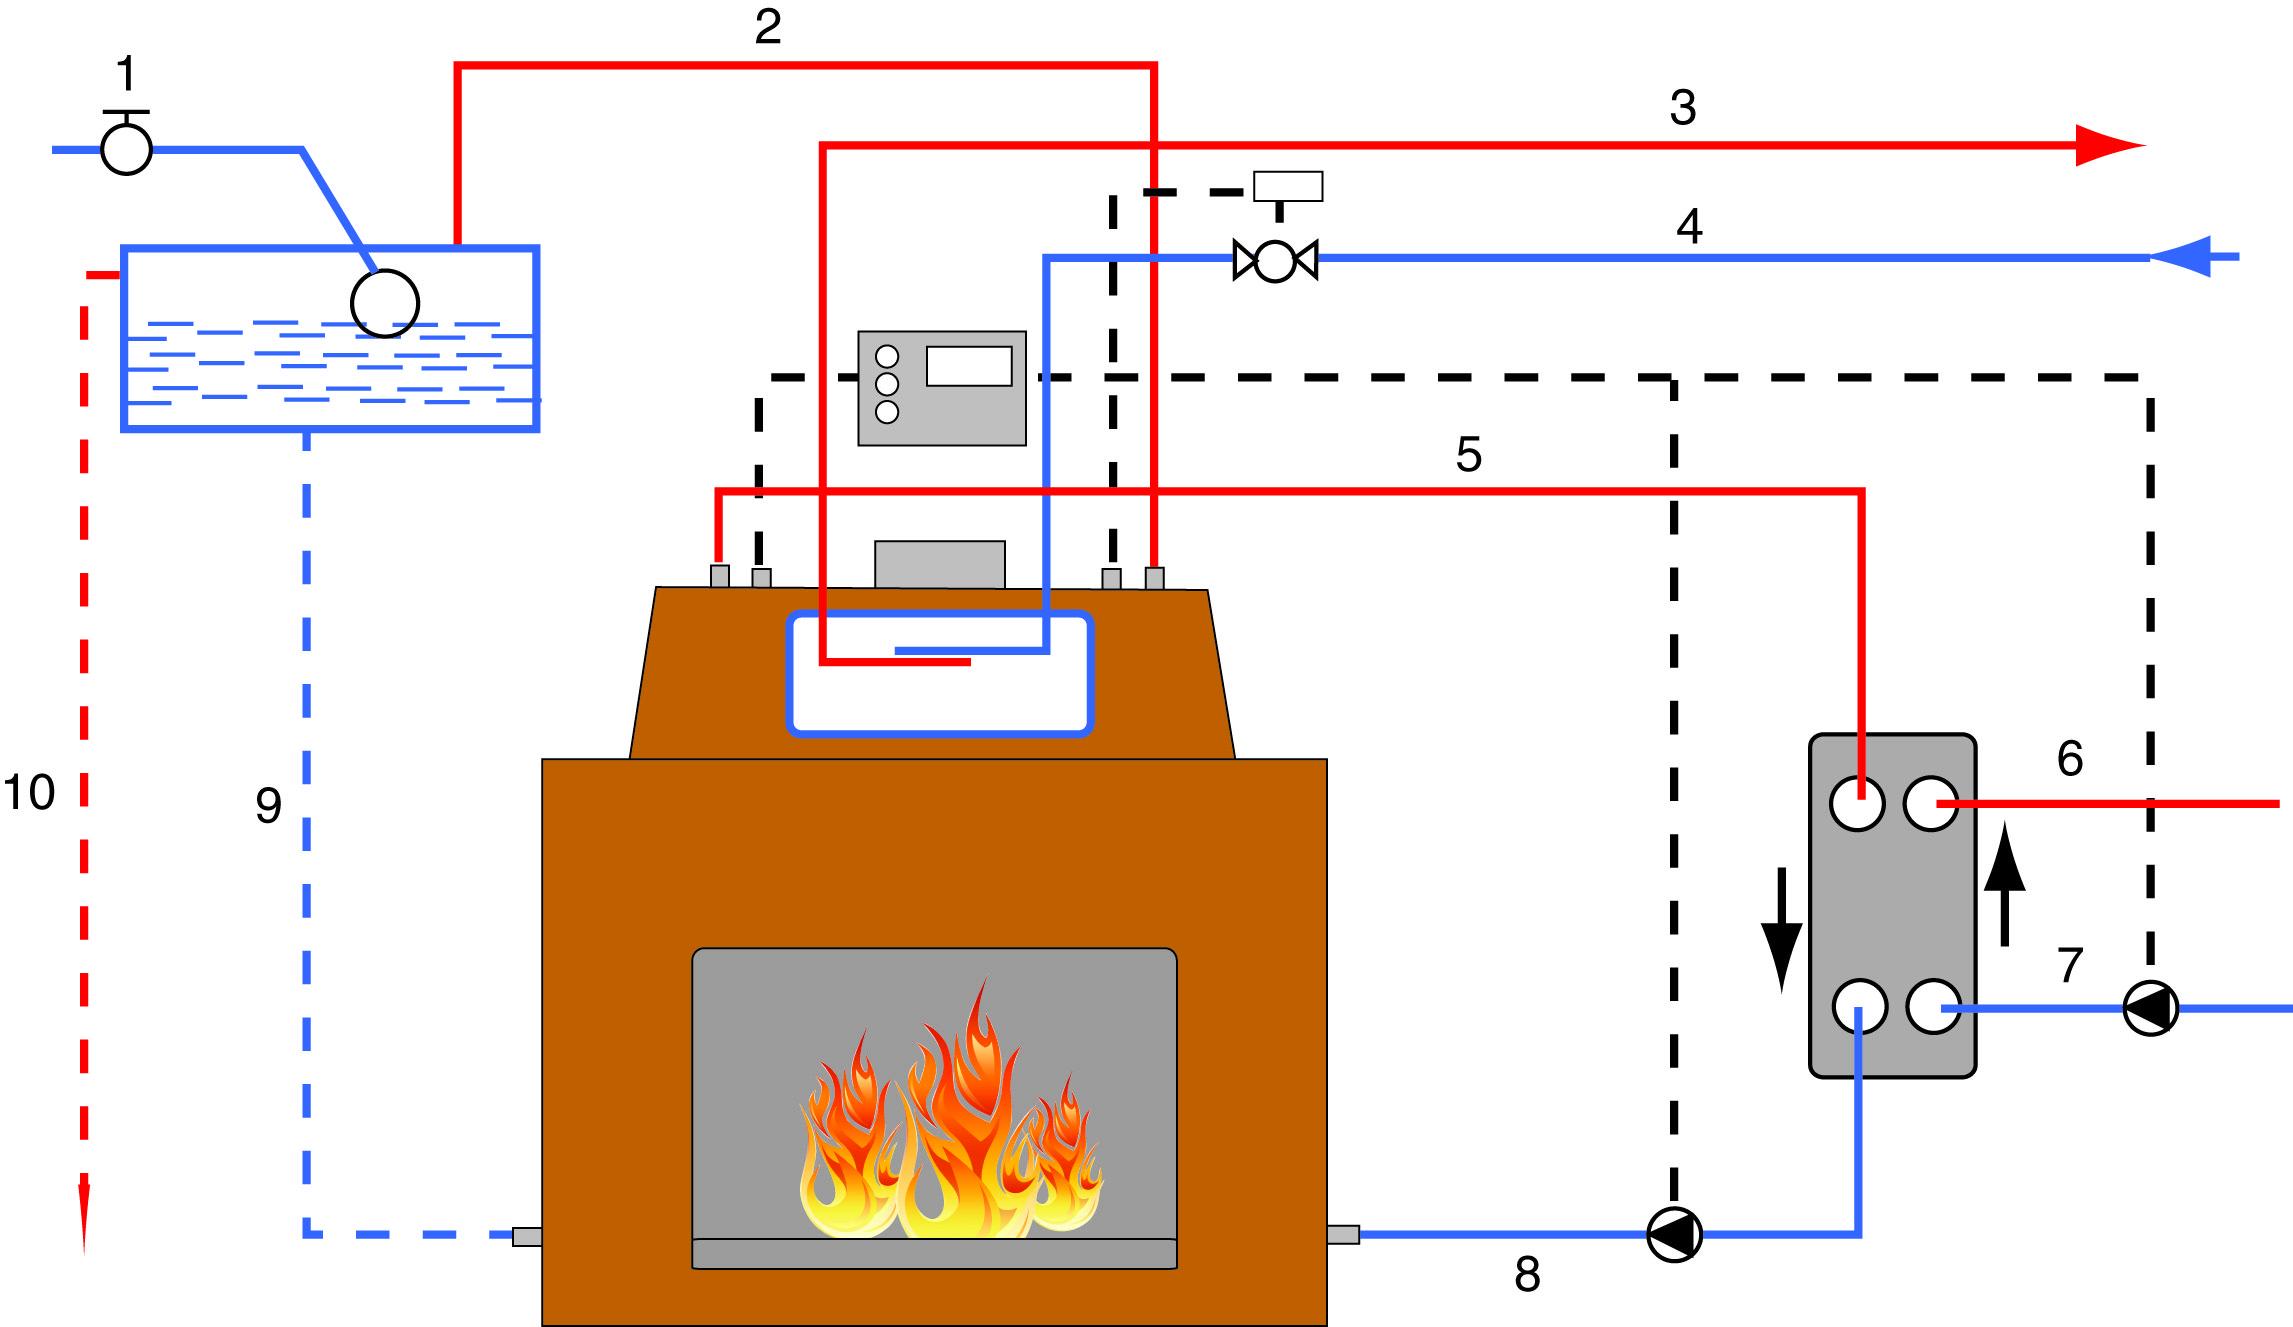 Теплообменник для отопления коттеджа вода х вода 30 квт цена двухсекционный теплообменник рисунок